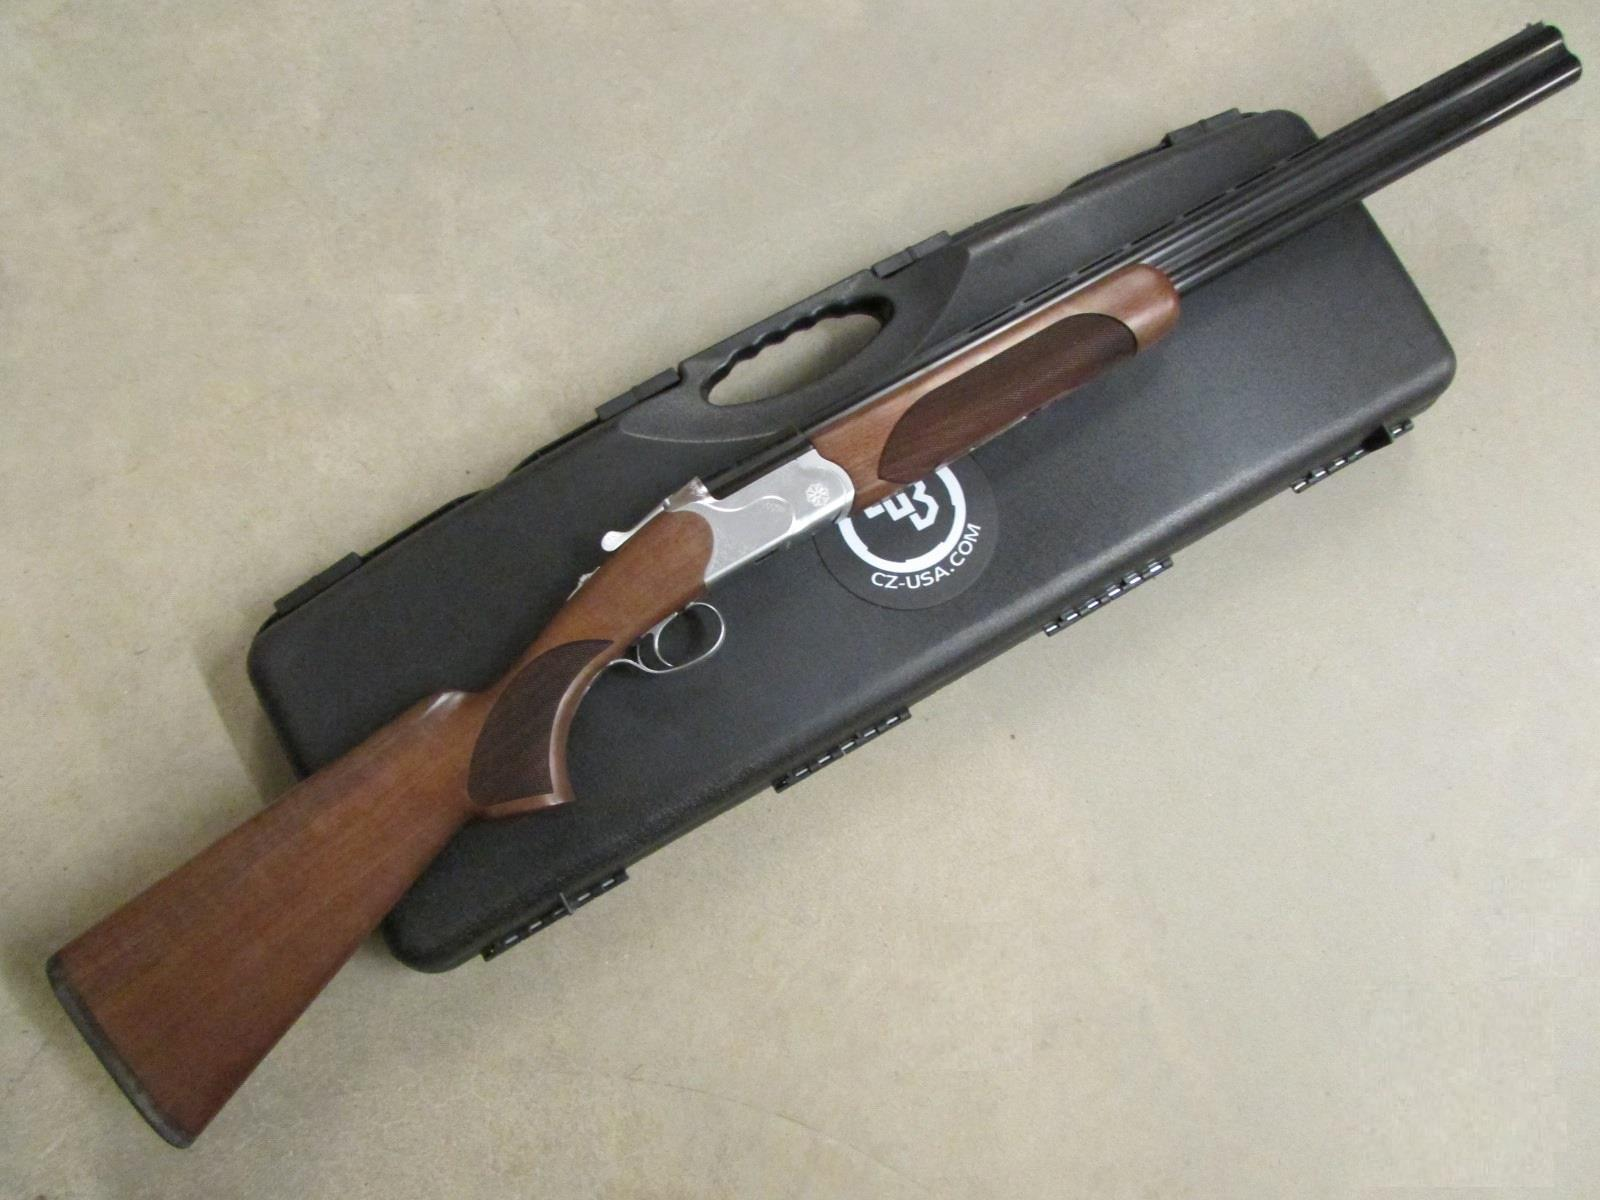 gun Redhead brand